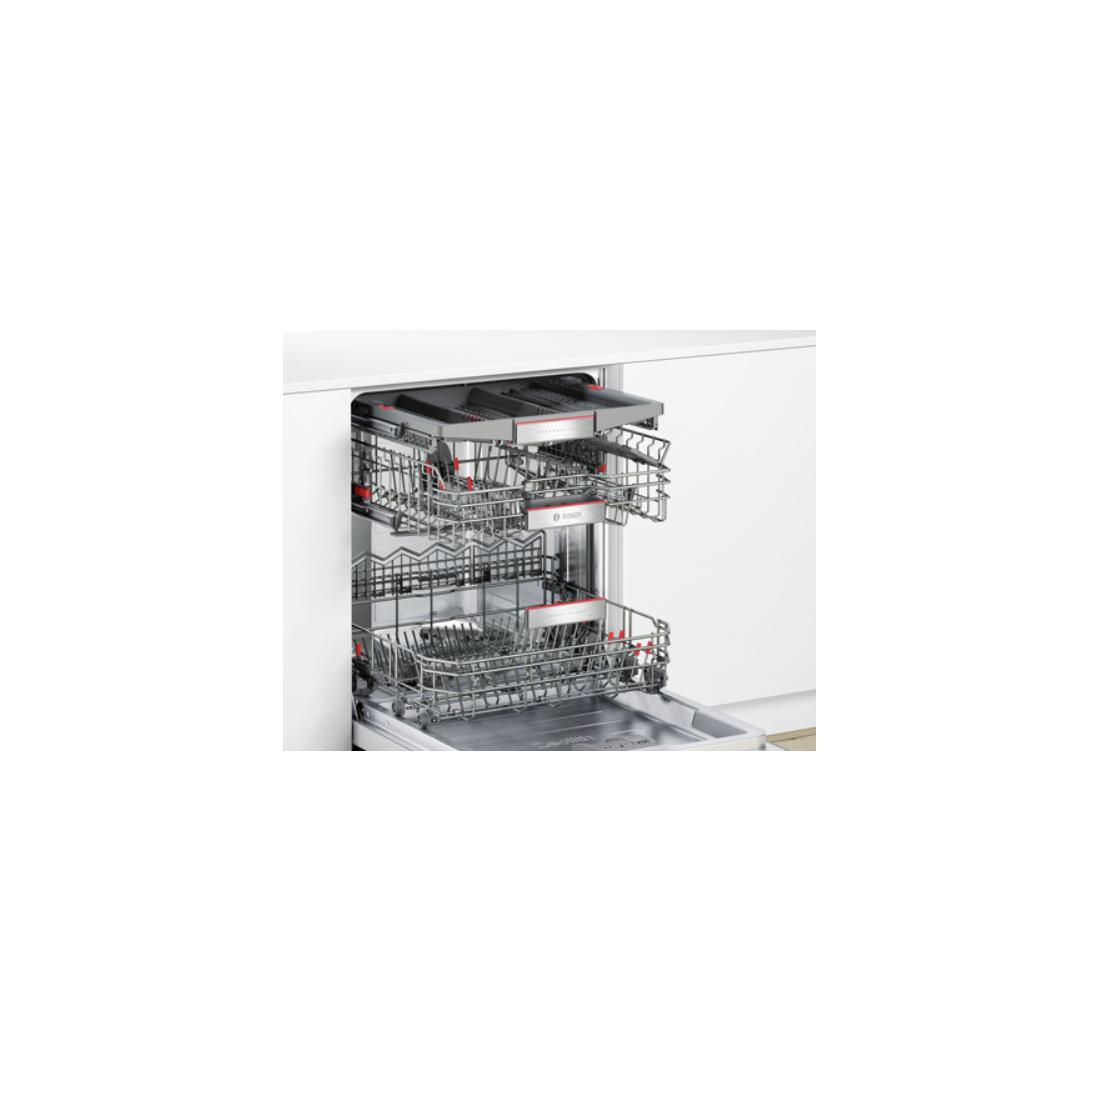 Máy rửa bát âm tủ Bosch SMI68TS06E- thegioidogiadung.com.vn